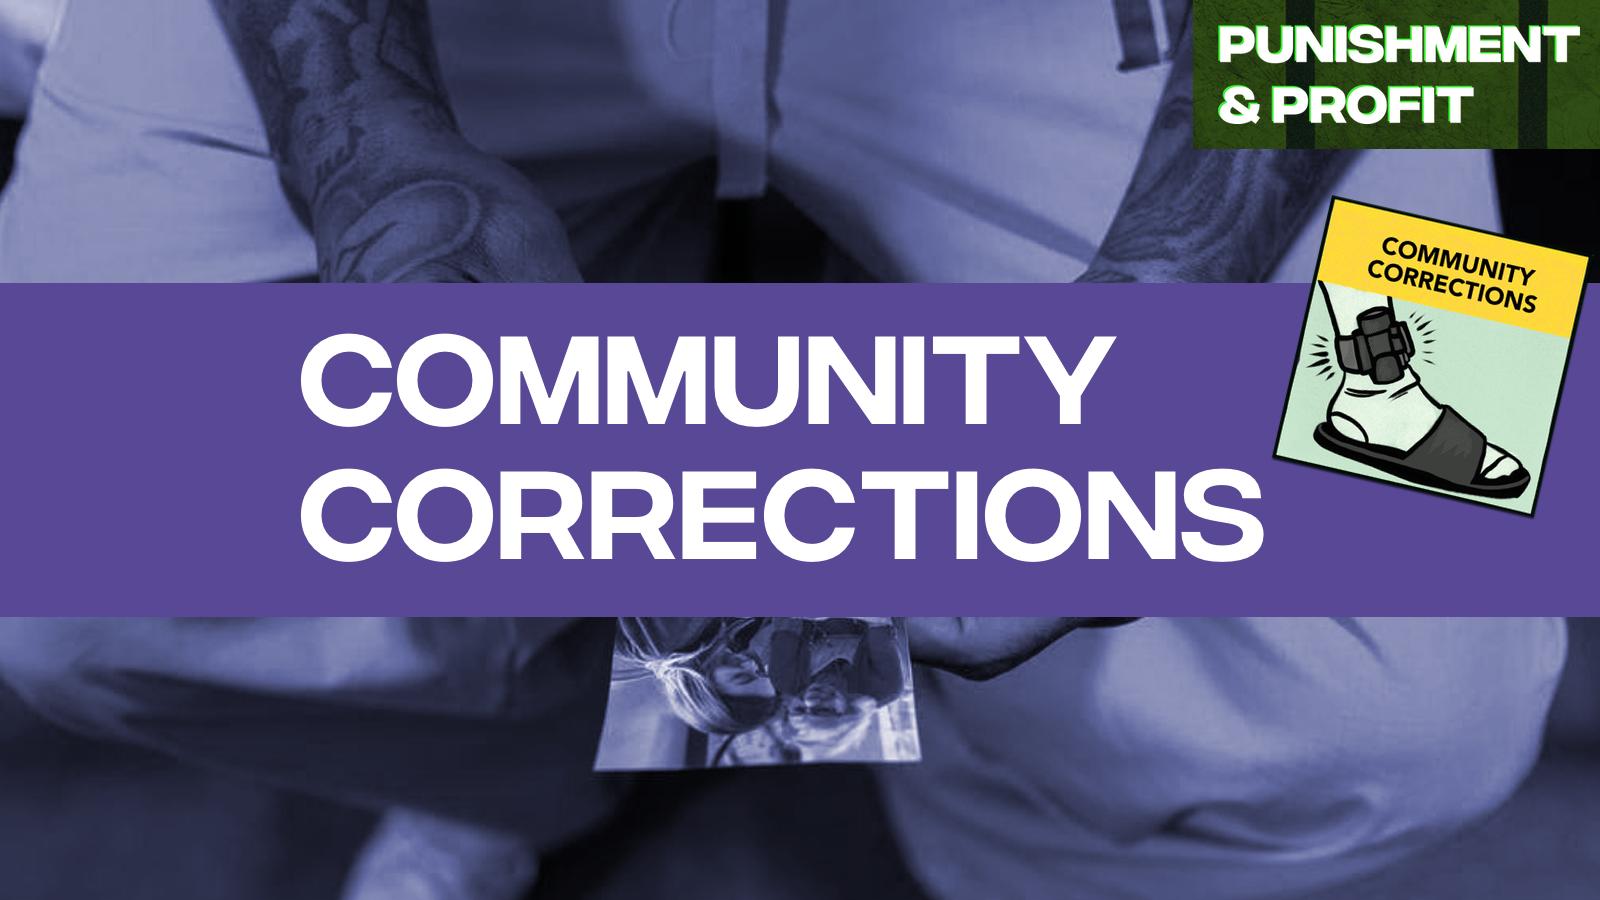 Punishment & Profit: Community Corrections